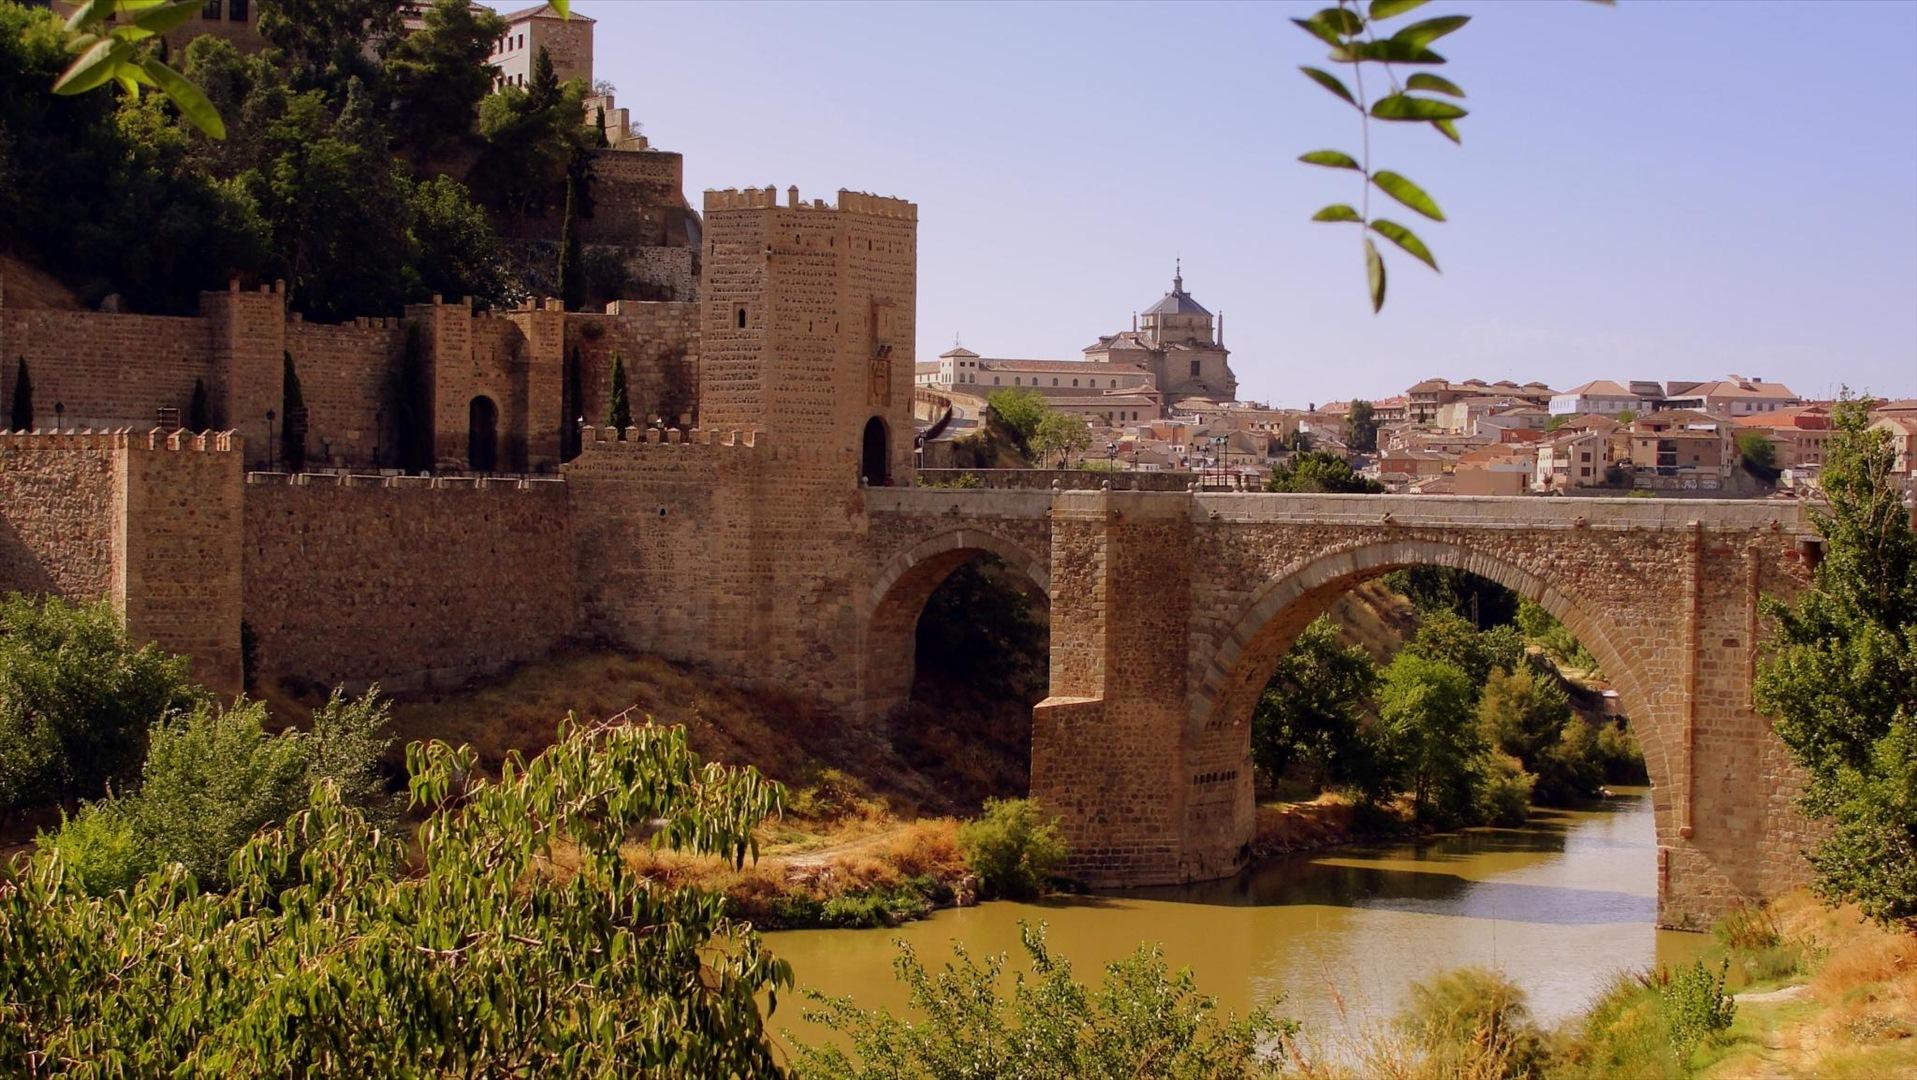 Puente de Alcántara sobre el río Tajo, en Toledo. Autor, Francisco Javier Martín